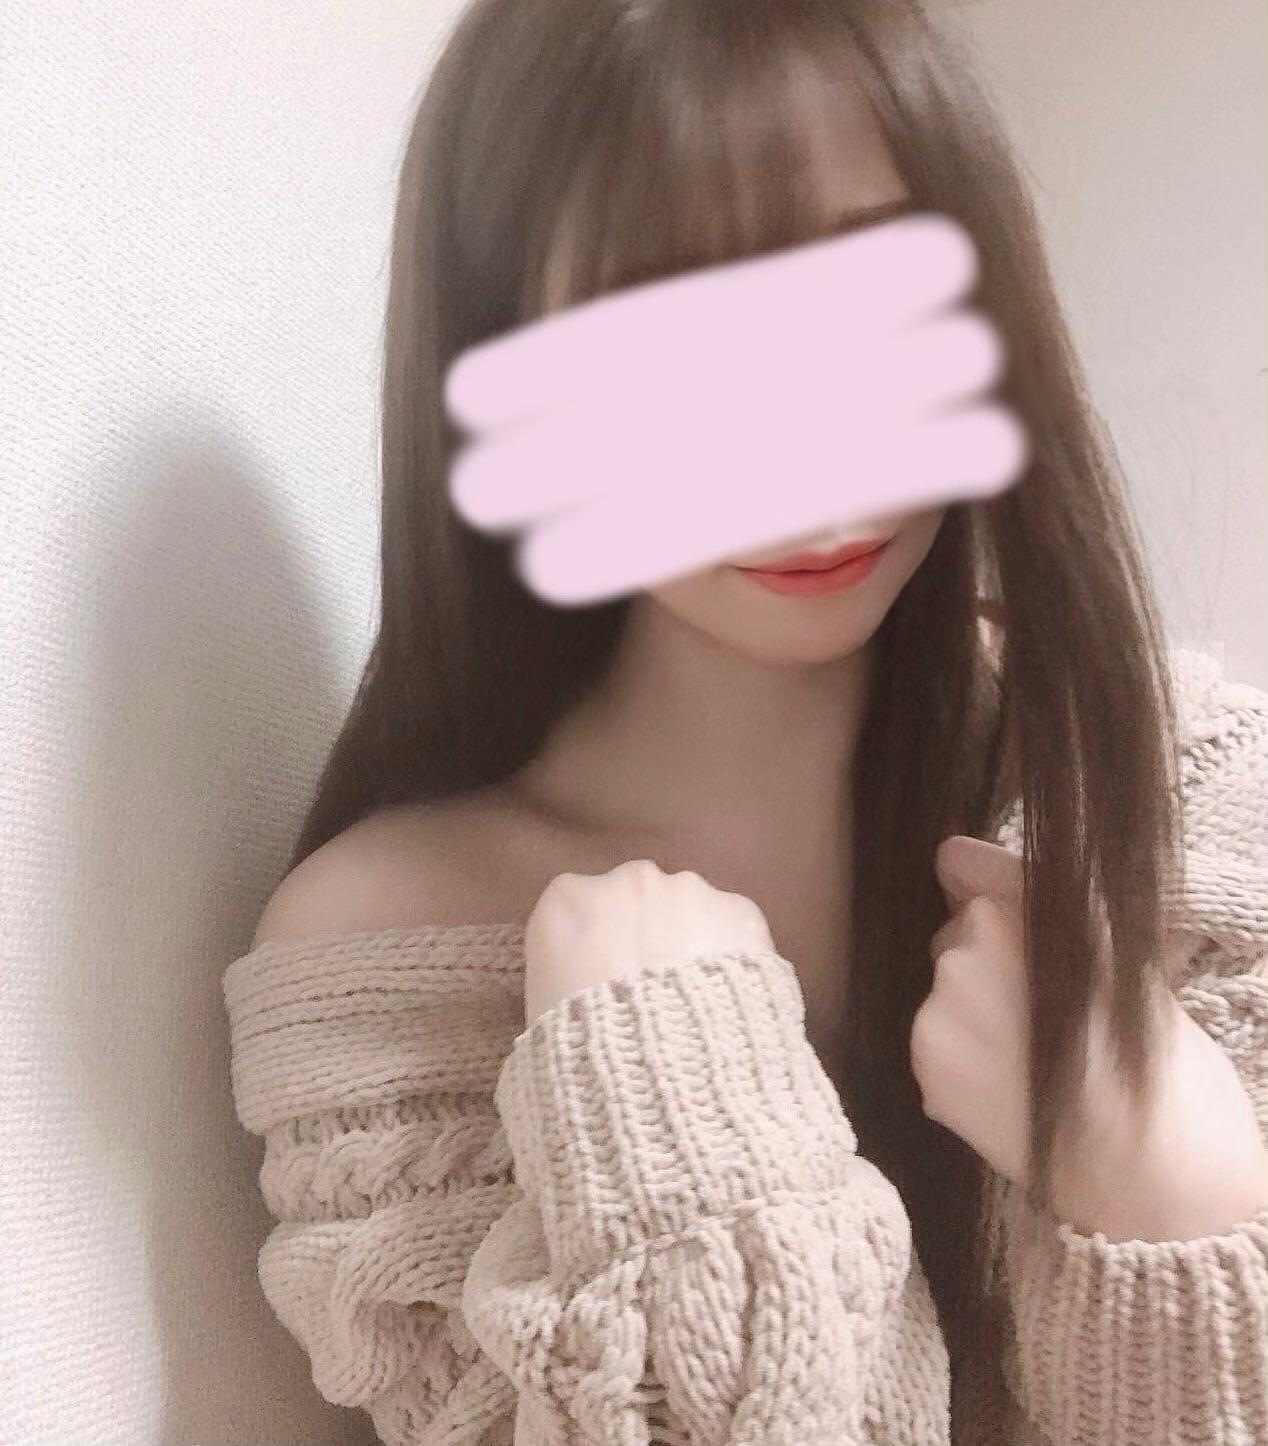 「こんばんは!」02/18(02/18) 18:26   わかなの写メ・風俗動画